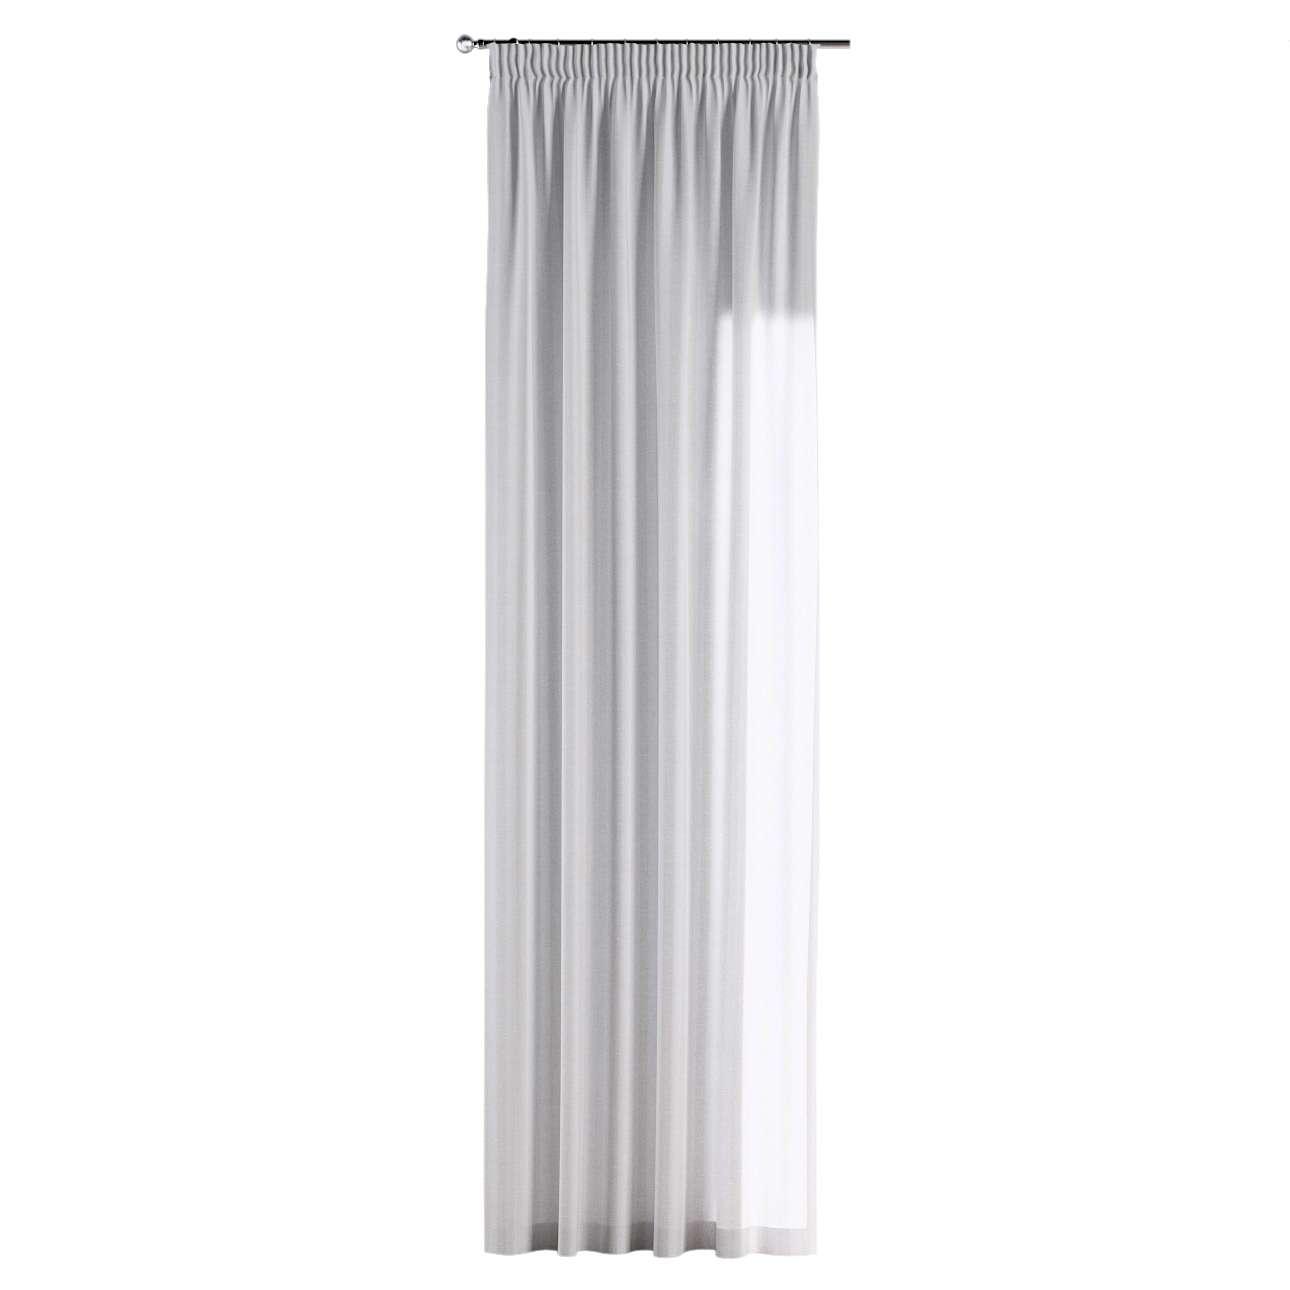 Vorhang mit Kräuselband 130 x 260 cm von der Kollektion Leinen, Stoff: 392-03